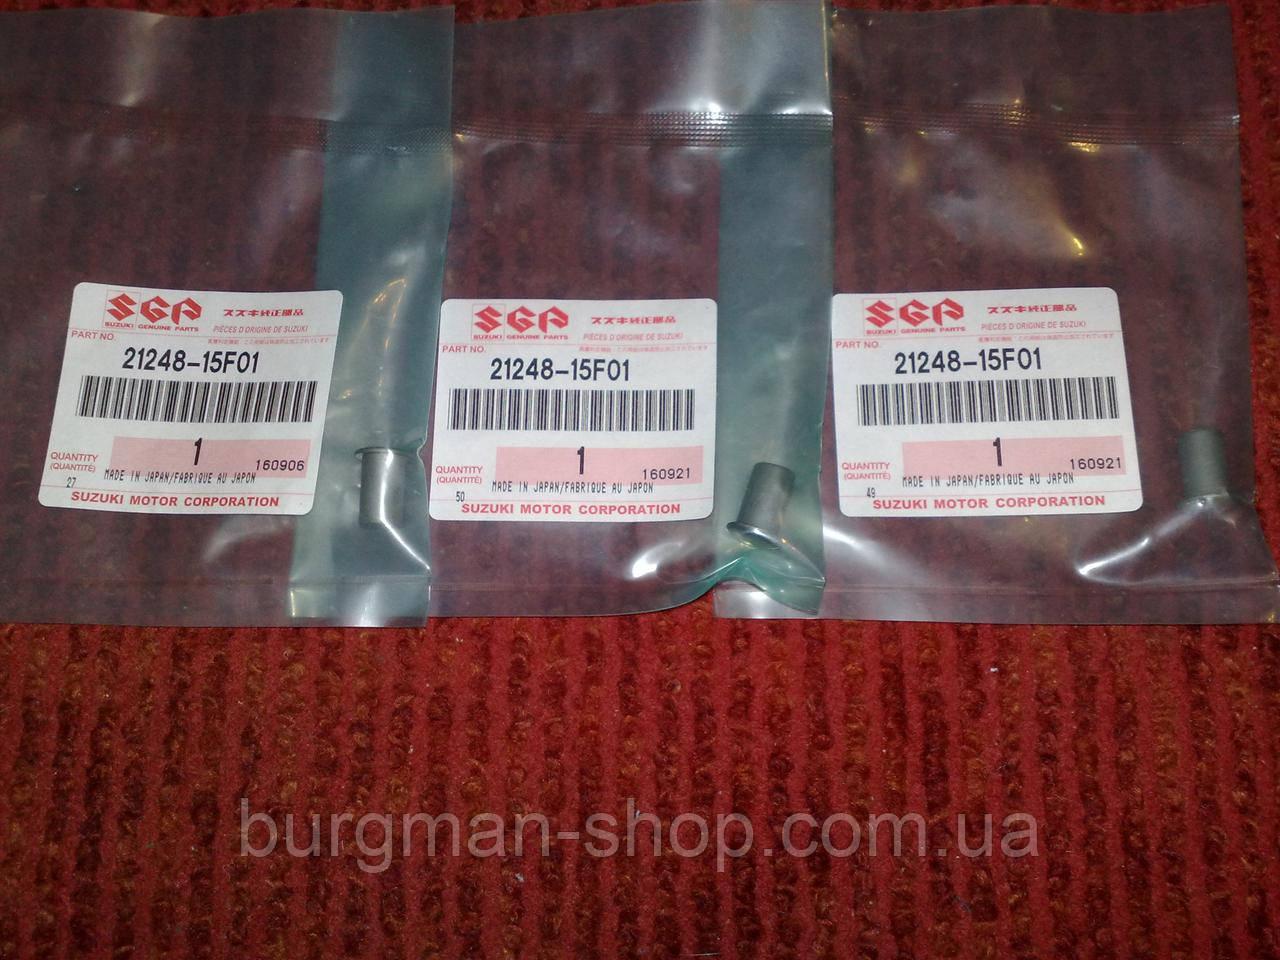 Штифт подвижной щеки торкдрайвера К7 Suzuki Burgman SkyWave 21248-15F01